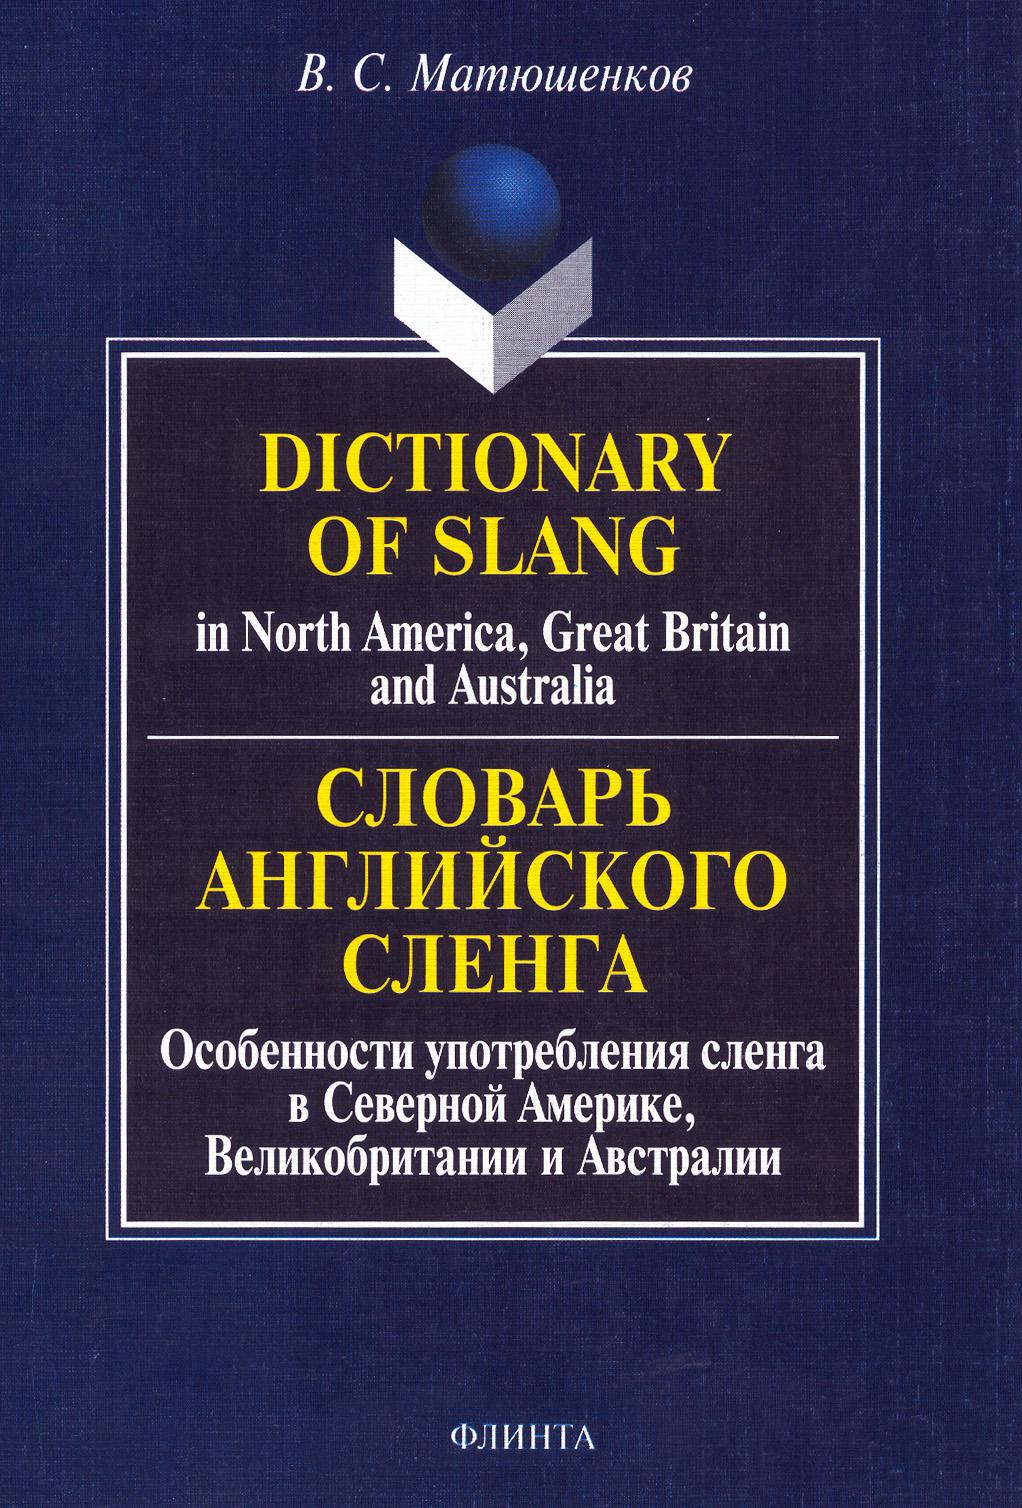 В. С. Матюшенков Dictionary of Slang in North America, Great Britain and Australia. Словарь английского сленга. Особенности употребления сленга в Северной Америке, Великобритании и Австралии